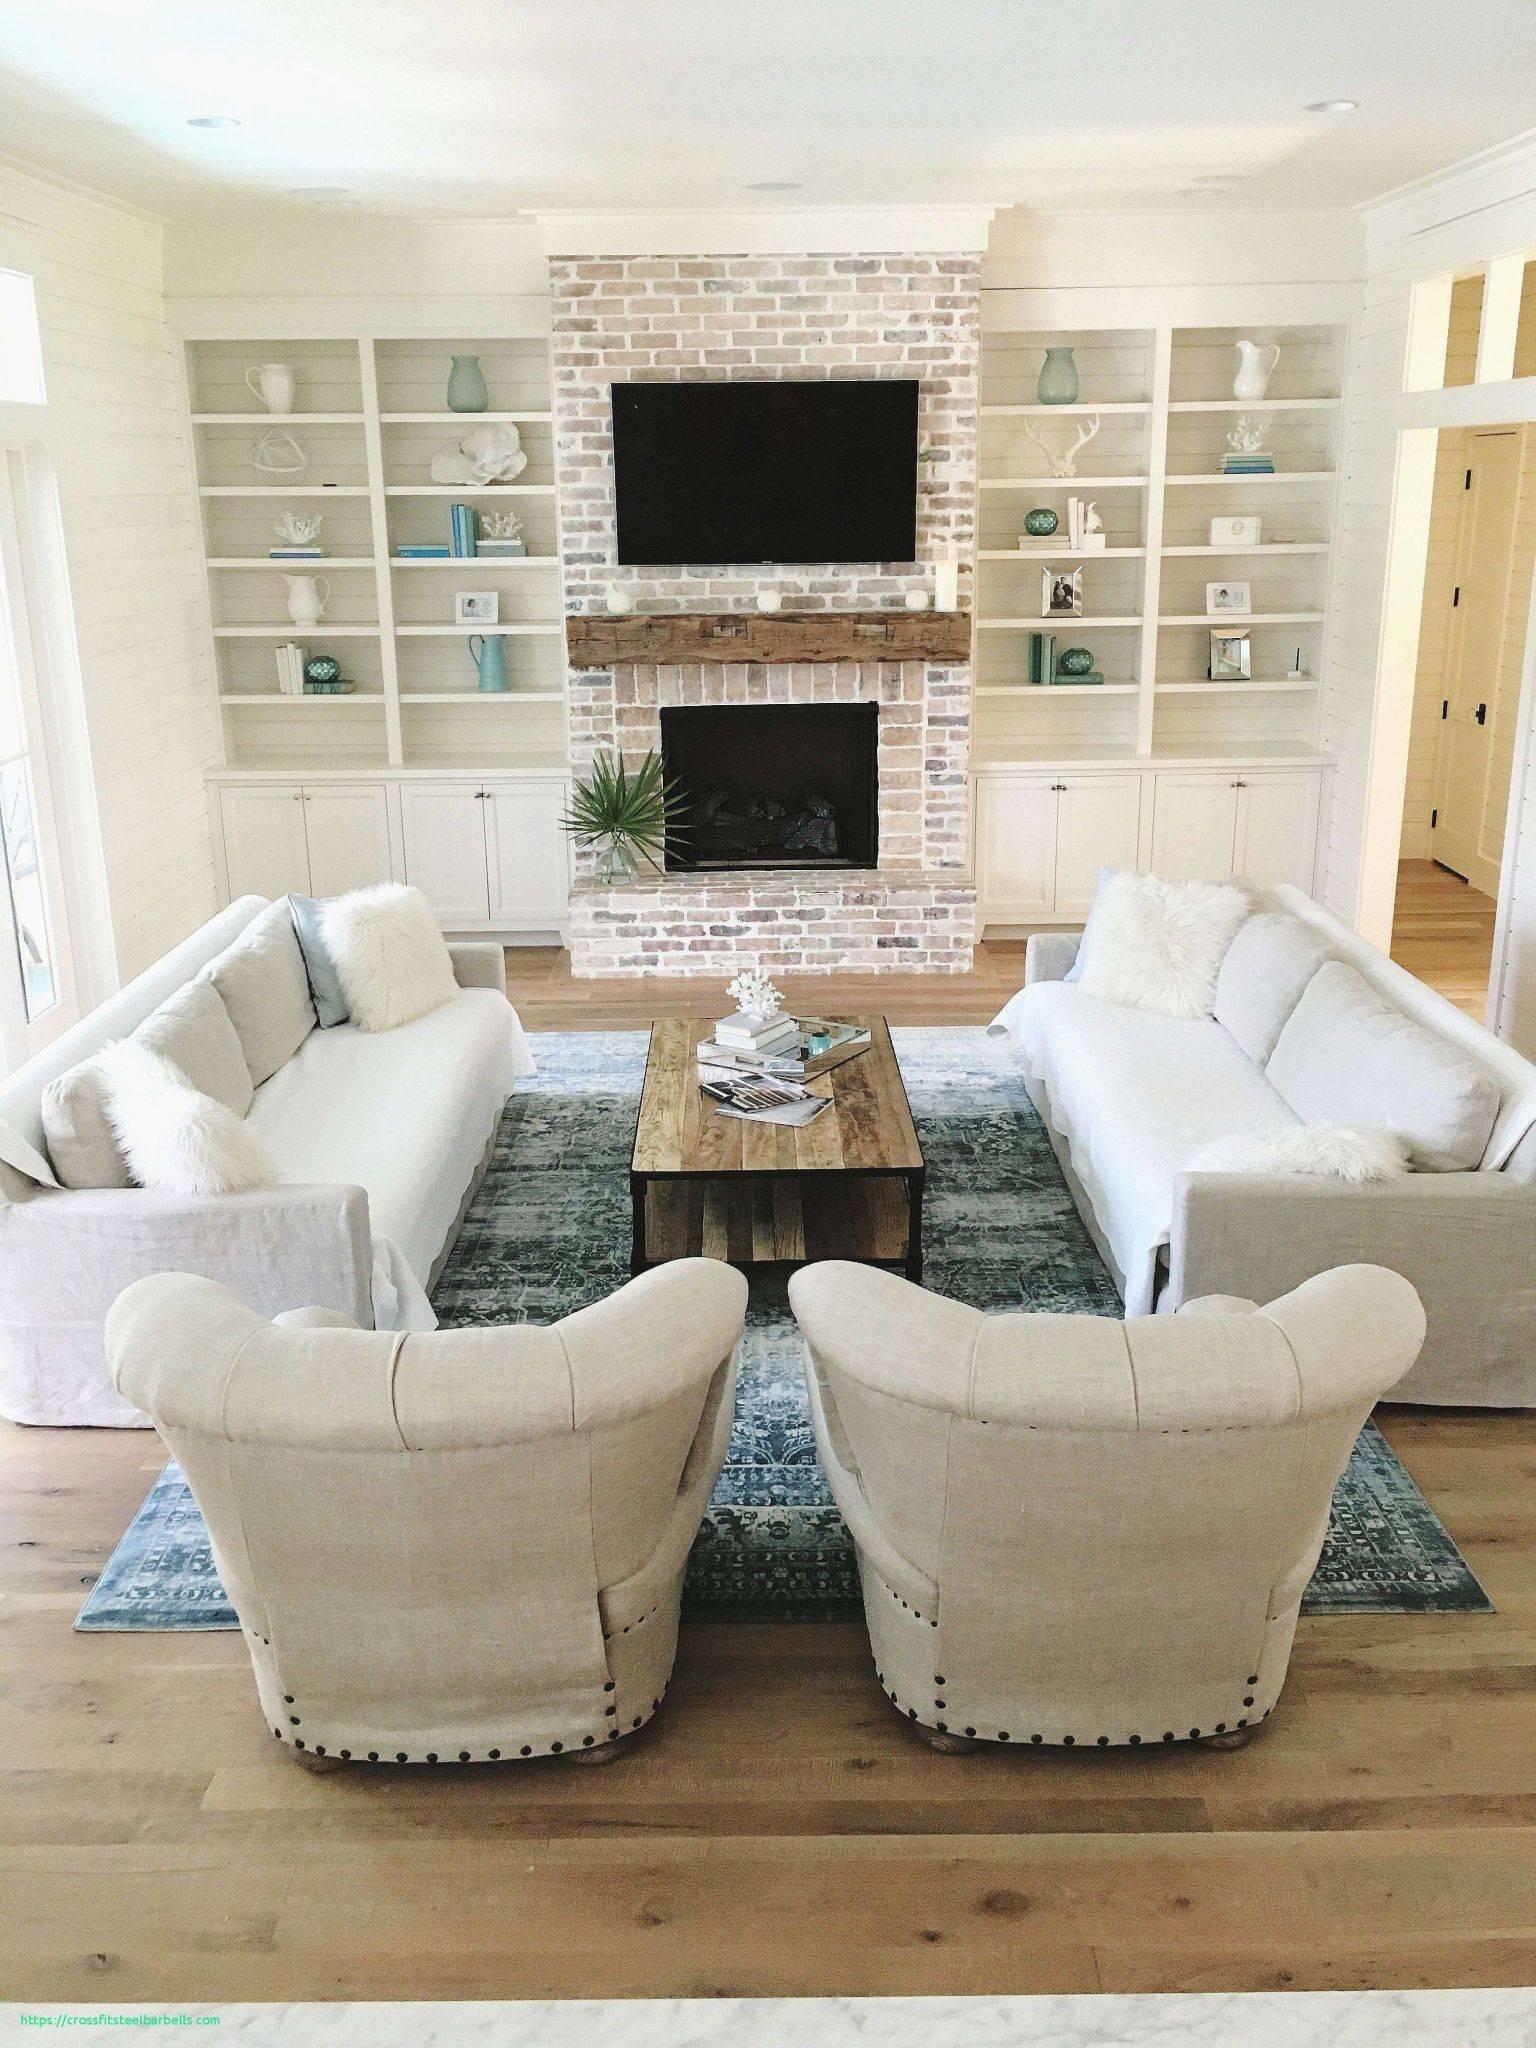 modern house design living room elegant living room ideas 2019 living room decor ideas of modern house design living room